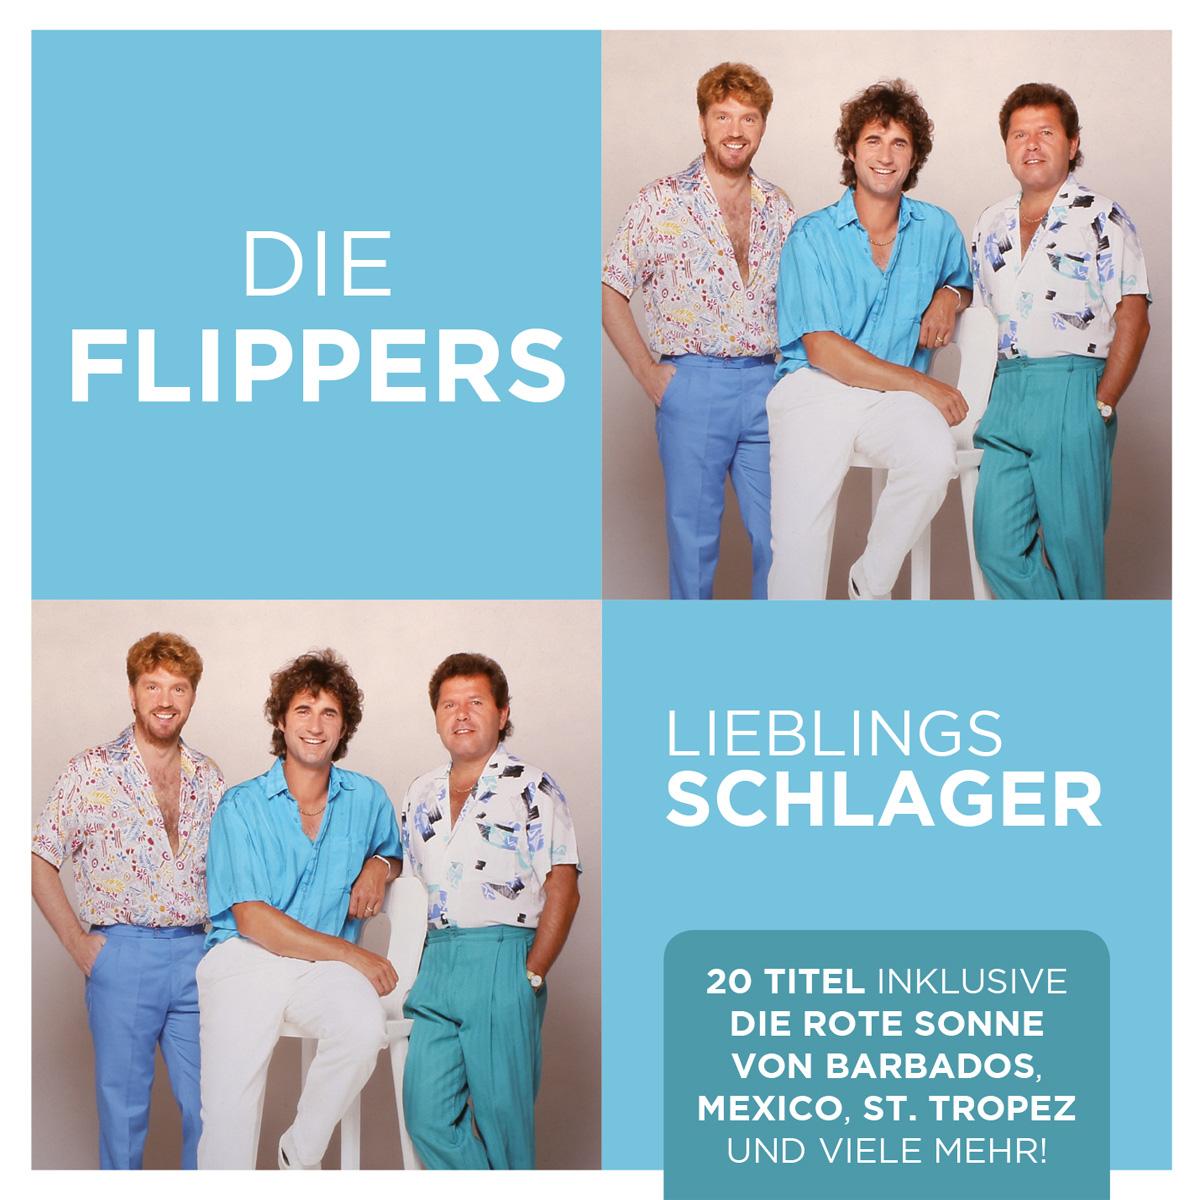 Die Flippers - Lieblingsschlager